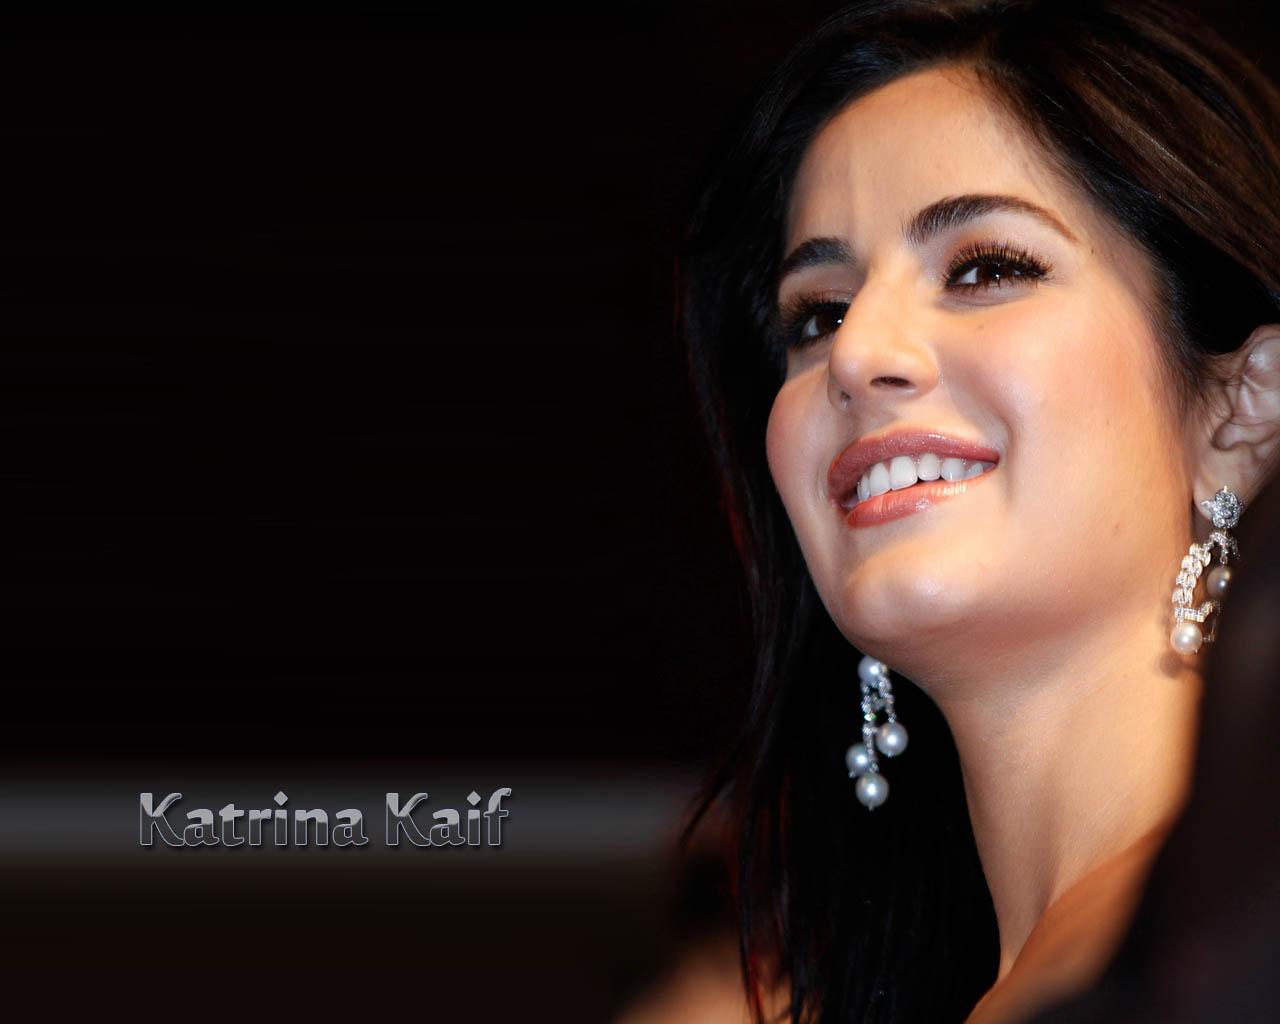 katrina kaif actress wallpapers page no katrina kaif wallpaper, free